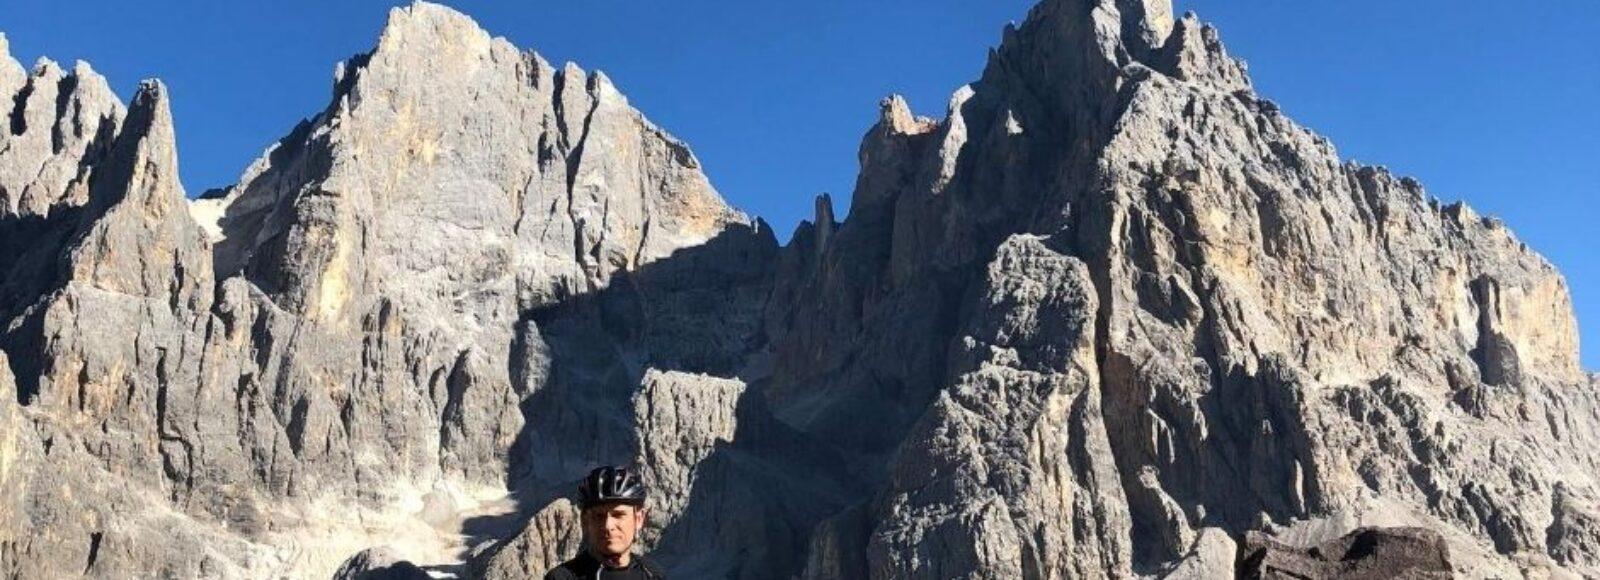 Escursioni in montagna con e-bike